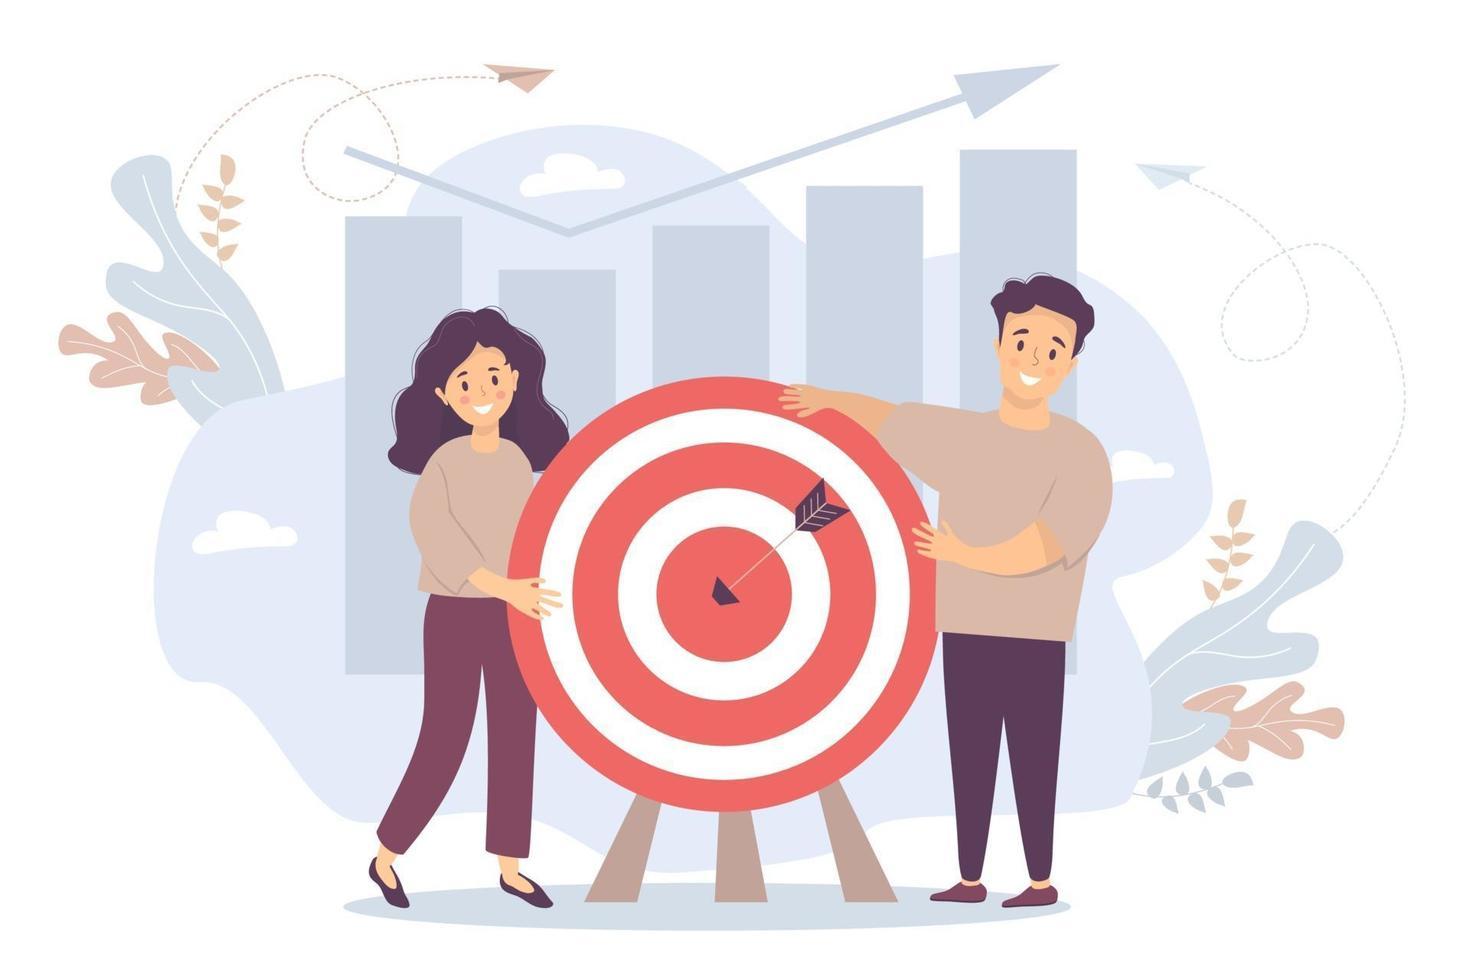 vetor. um homem e uma mulher perto de um alvo com uma flecha no centro. fundo e infográficos, colunas e setas de crescimento para cima. objetivo do conceito, cooperação, resultado e sucesso, realização do objetivo. vetor